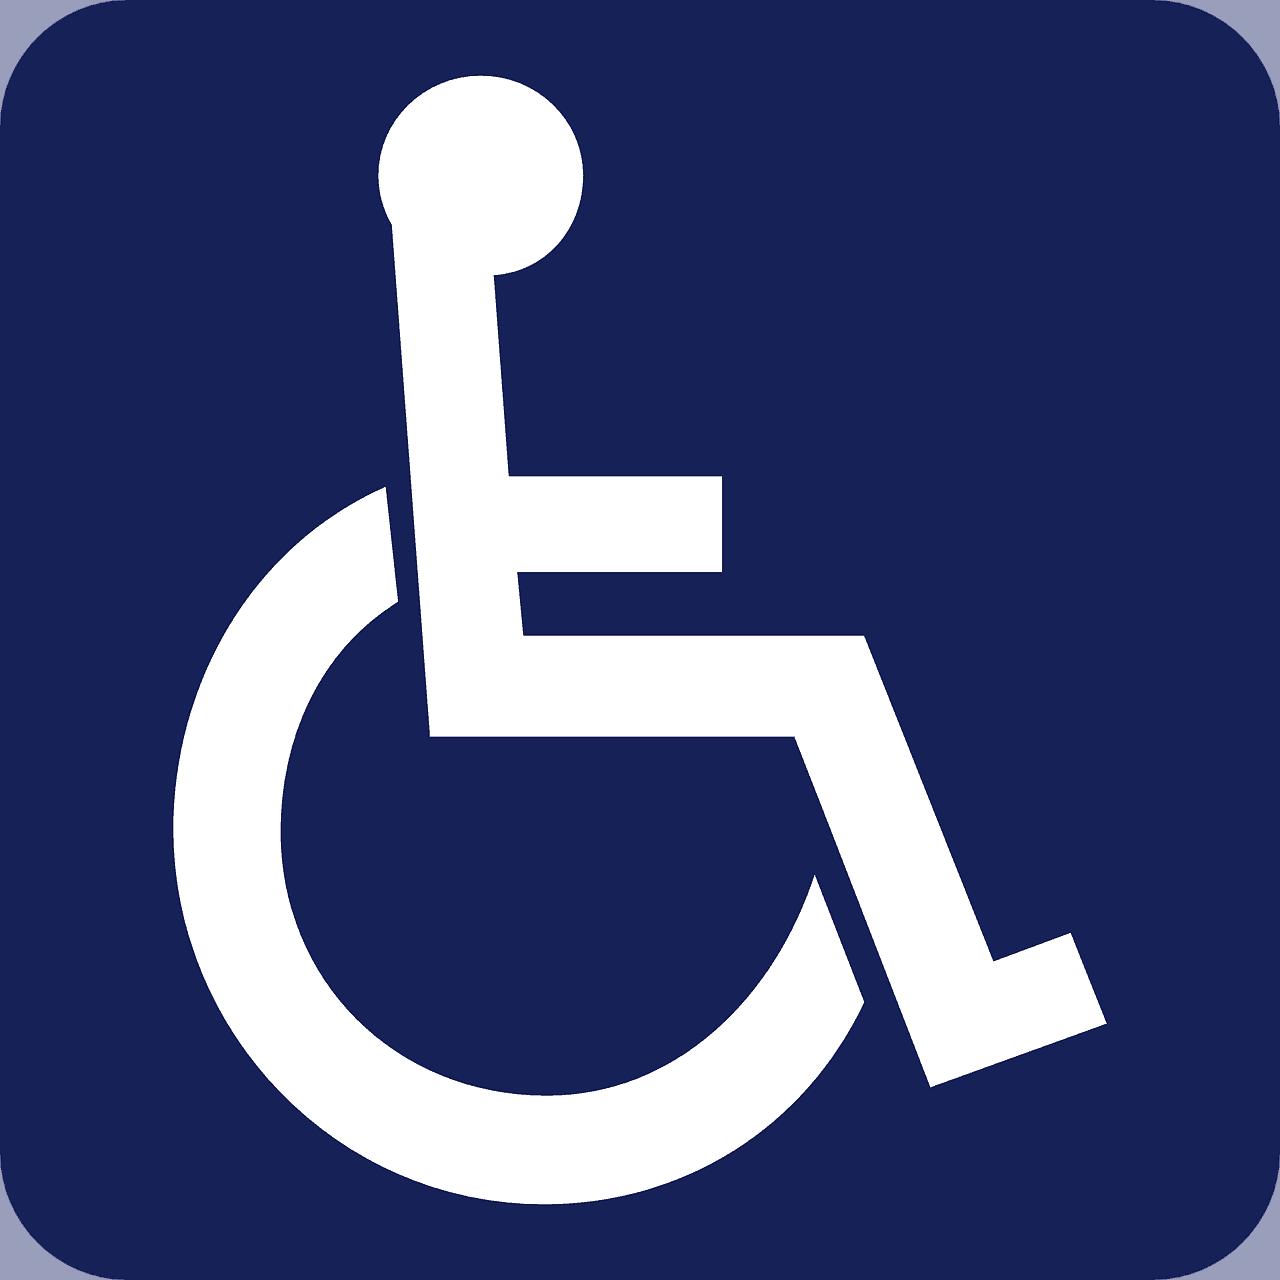 איור של סימון מקום לנכים. איש על כיסא גלגלים